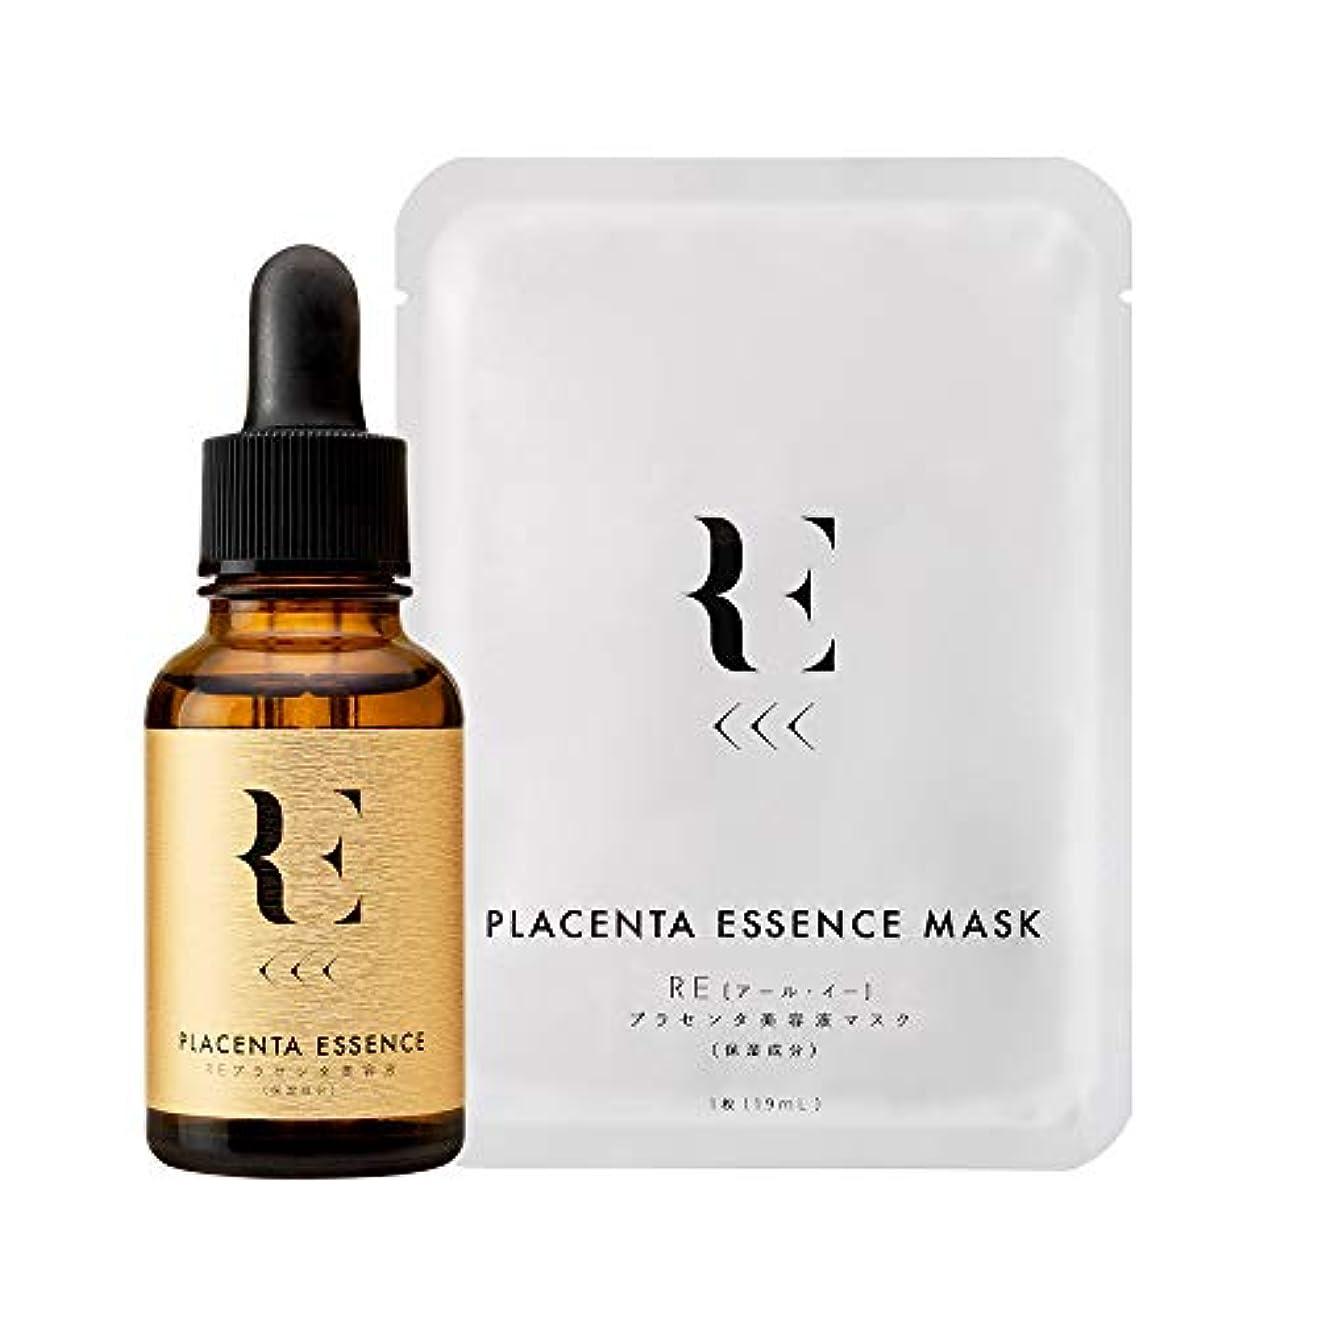 香り乱雑な認可RE プラセンタ 美容液 美容液マスク セット エイジングケア ヒト型幹細胞培養液